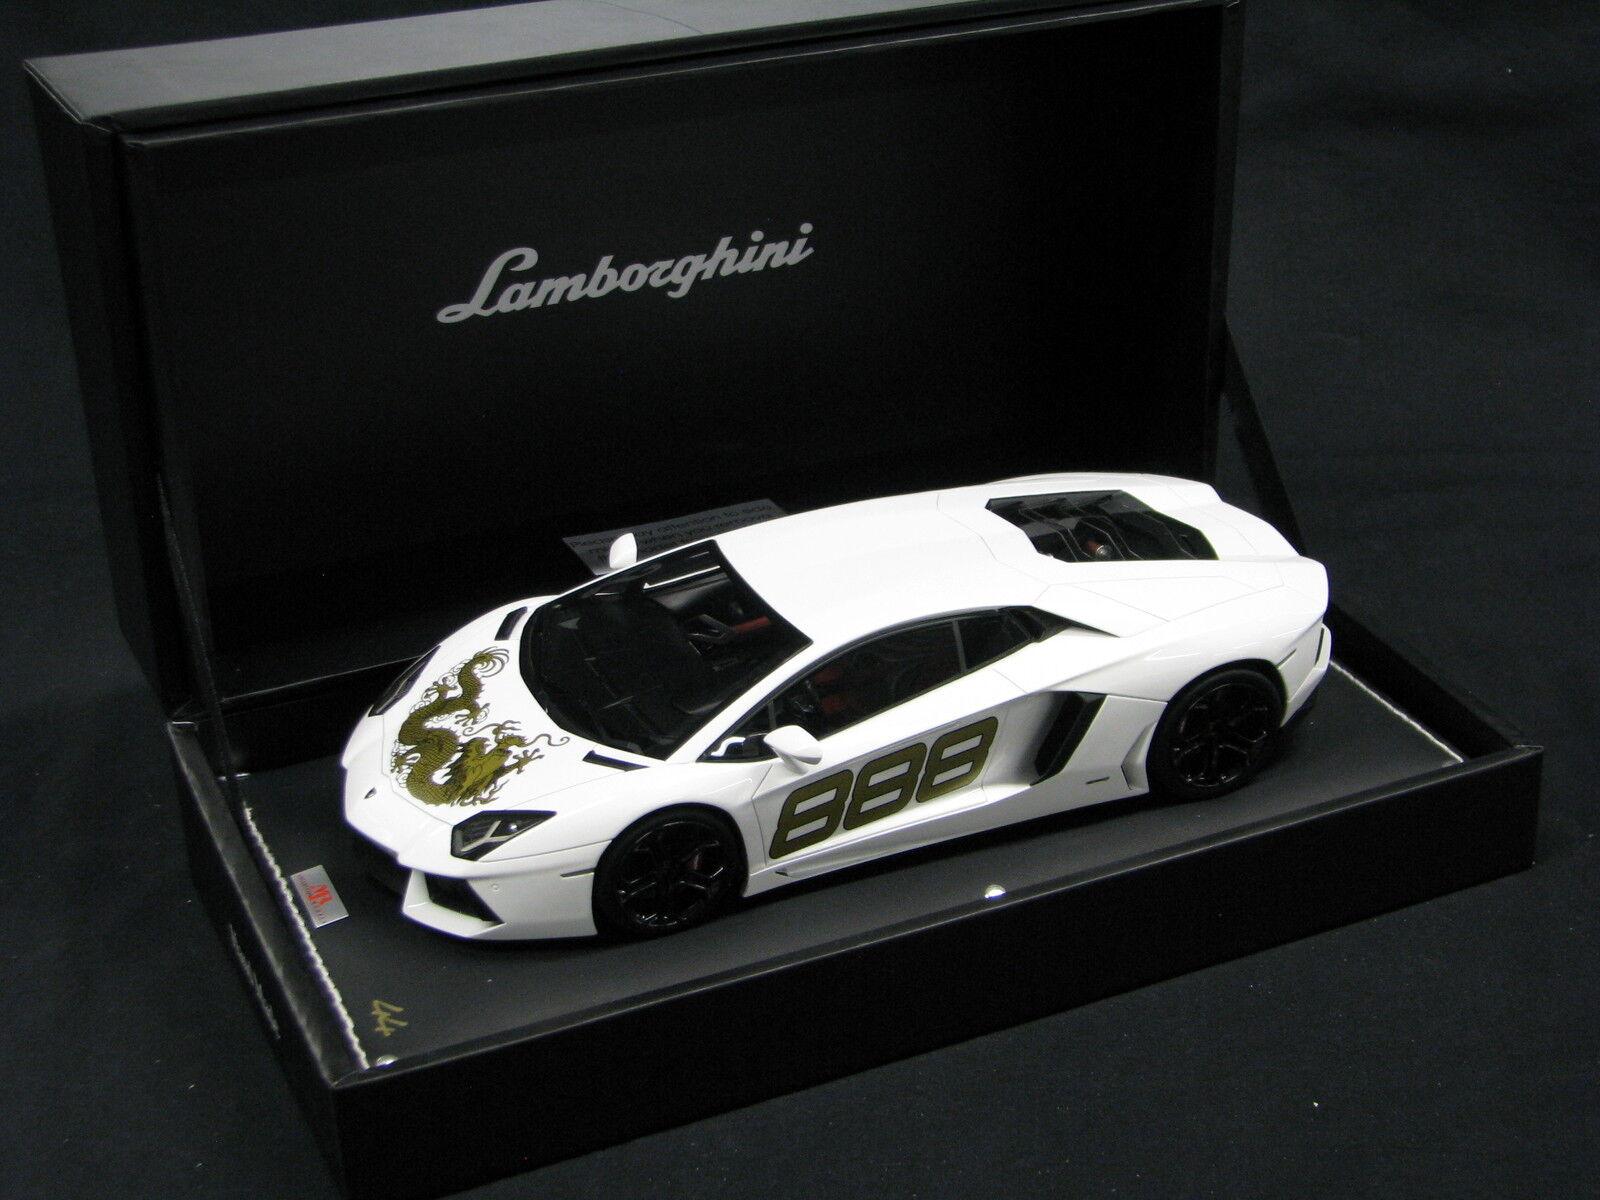 minoristas en línea MR Lamborghini Lamborghini Lamborghini Aventador LP700-4 Dragon Version 1 18  888 blanco  la red entera más baja